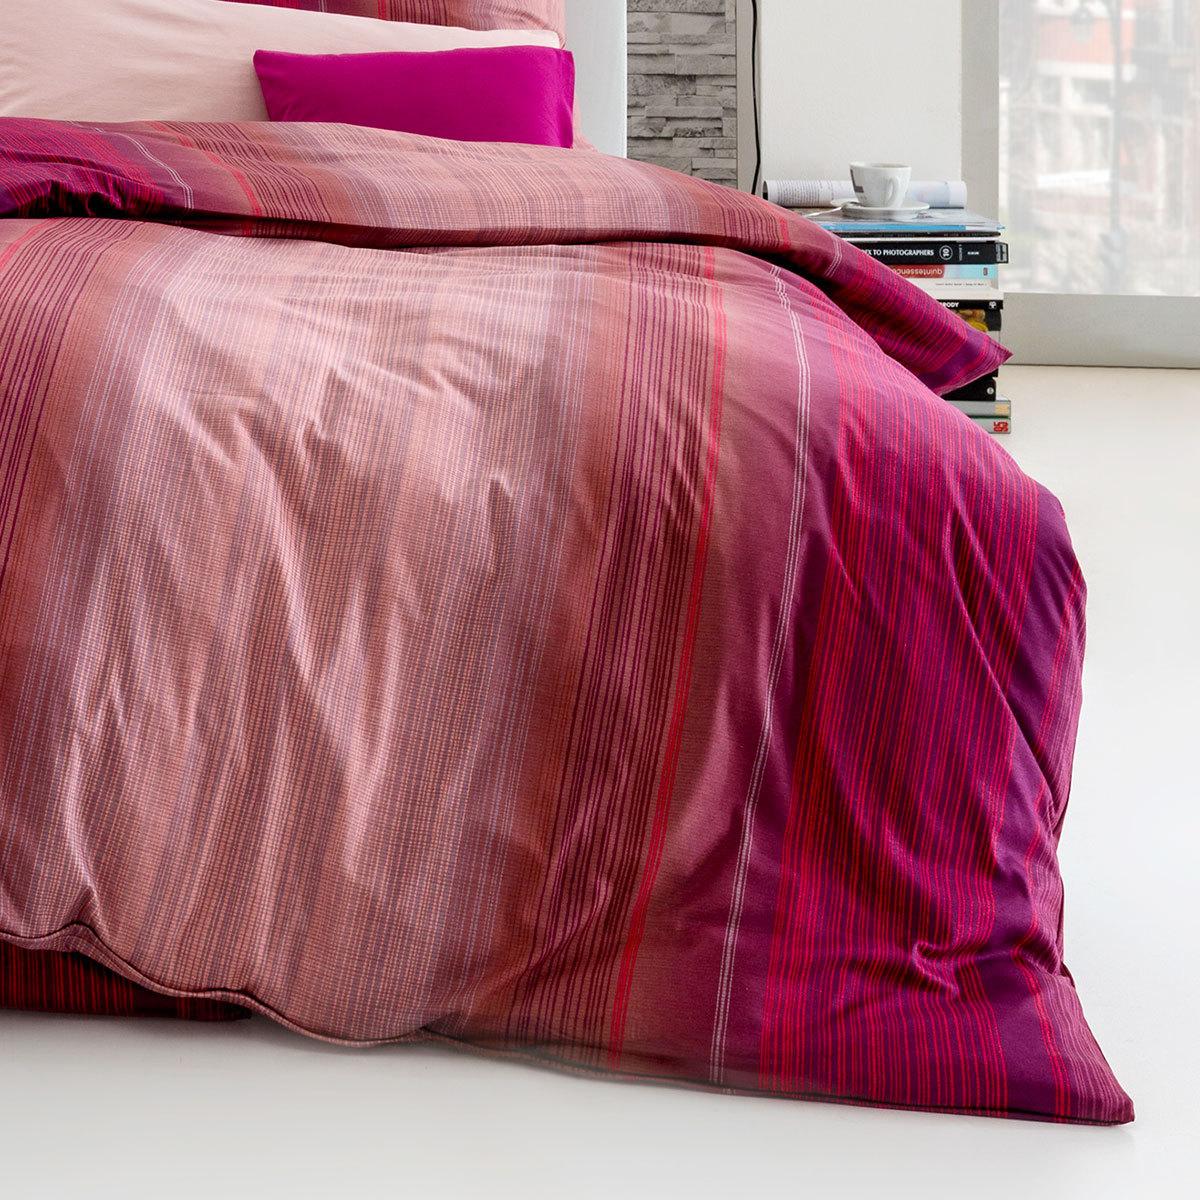 estella mako interlock jersey bettw sche luke ziegel g nstig online kaufen bei bettwaren shop. Black Bedroom Furniture Sets. Home Design Ideas